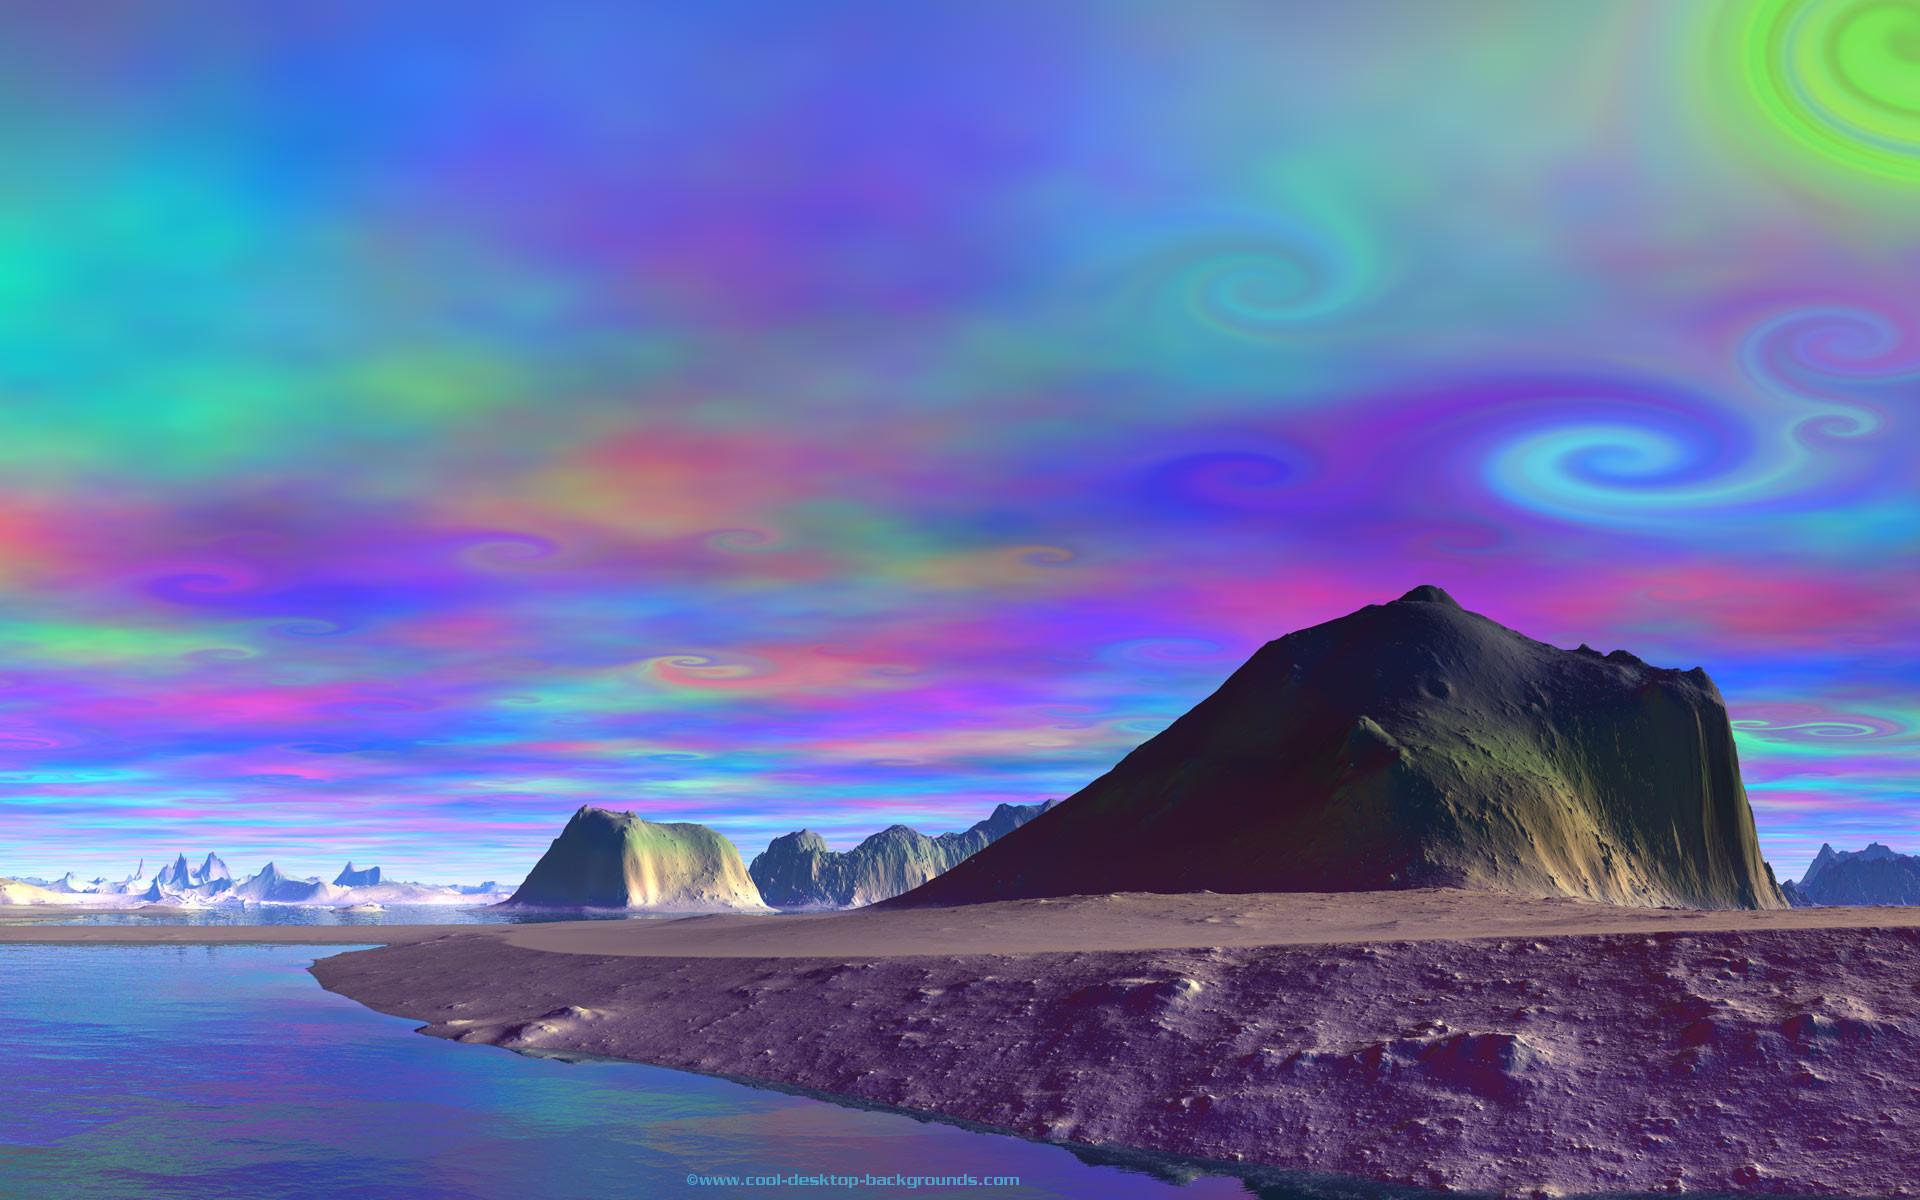 Alien Planets | … skies of a rocky alien planet. Free desktop background